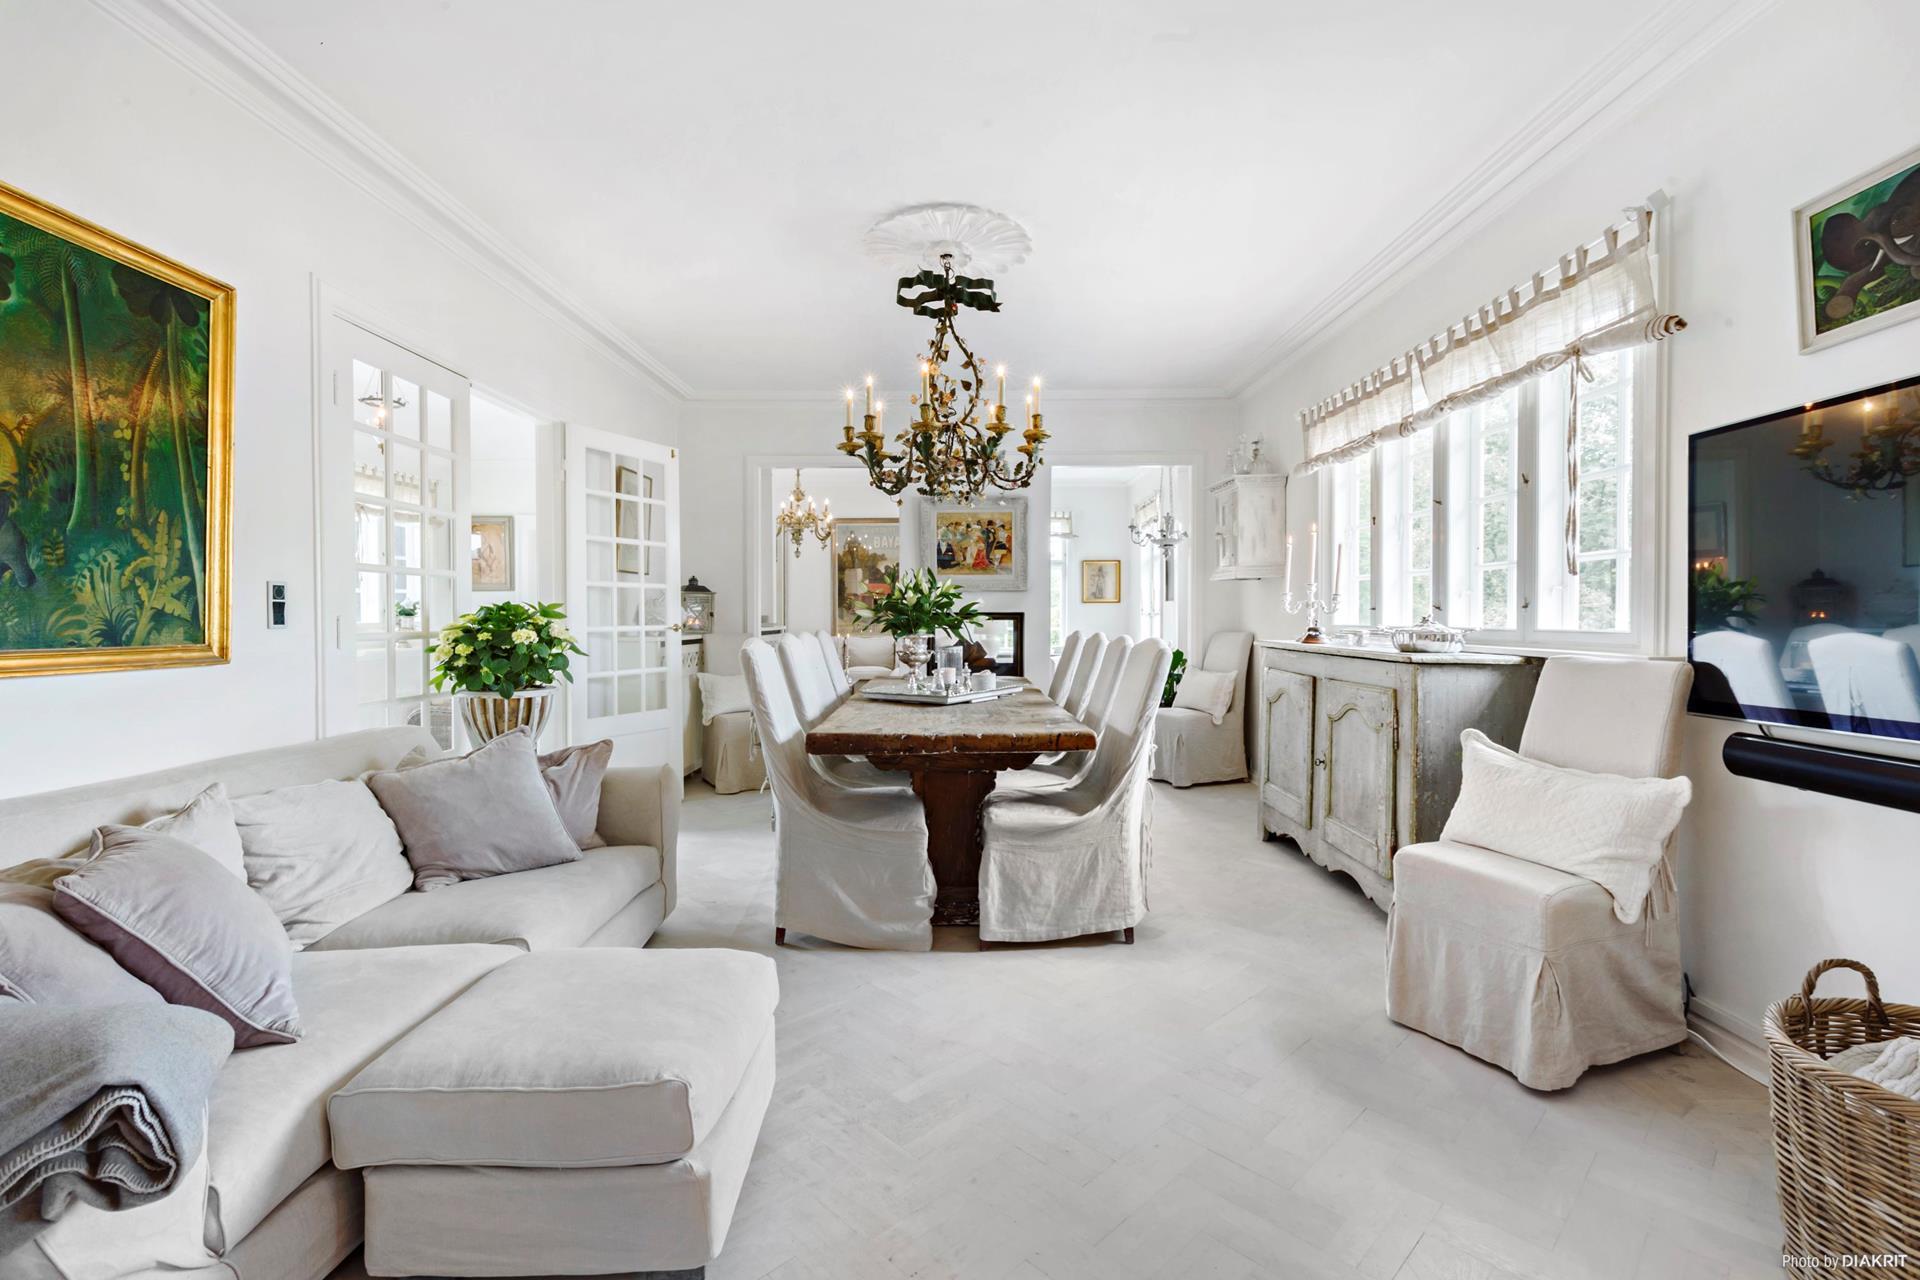 гостиная столовая мягкая мебель диван кресло комод телевизор корзина